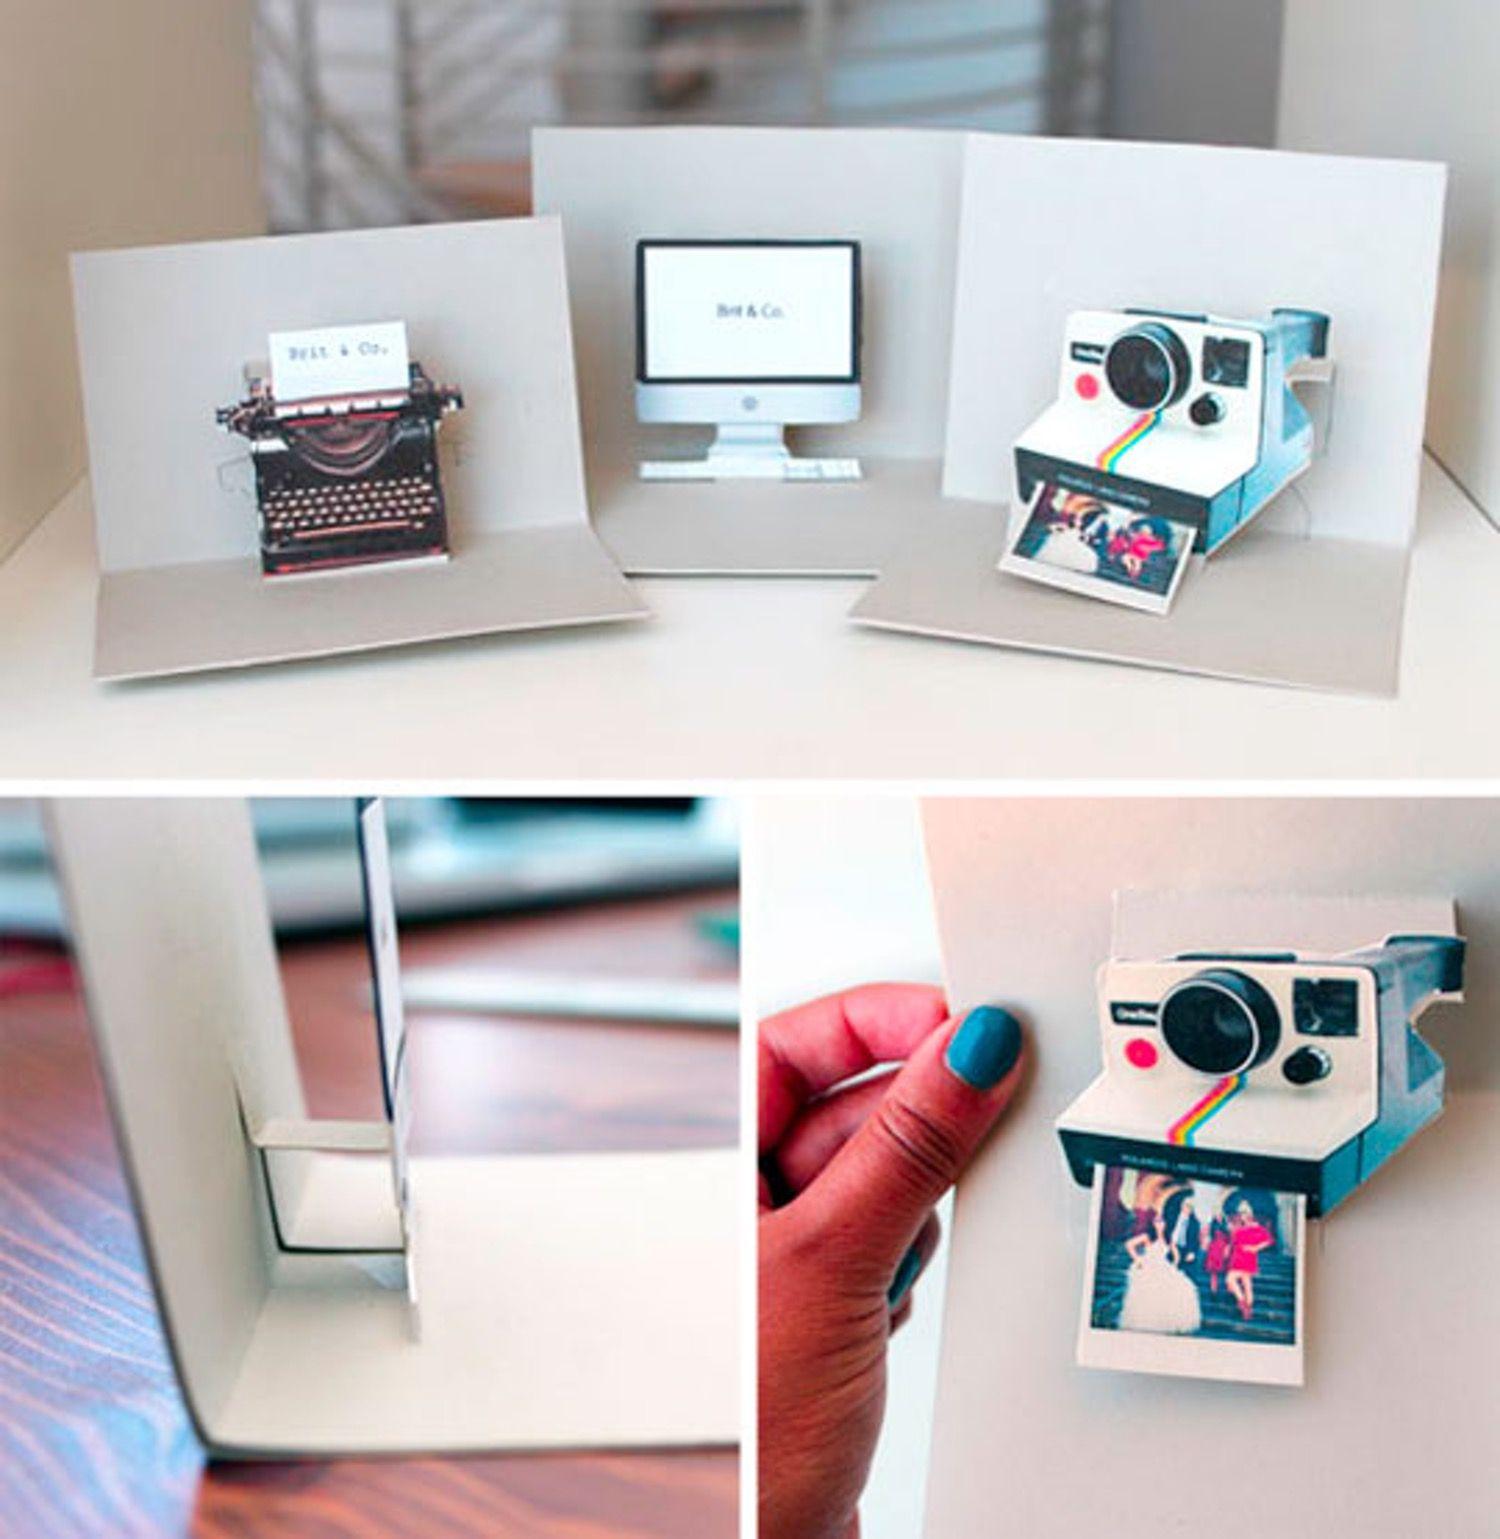 DIY iMac, Polaroid, and Typewriter Pop-Up Name Cards